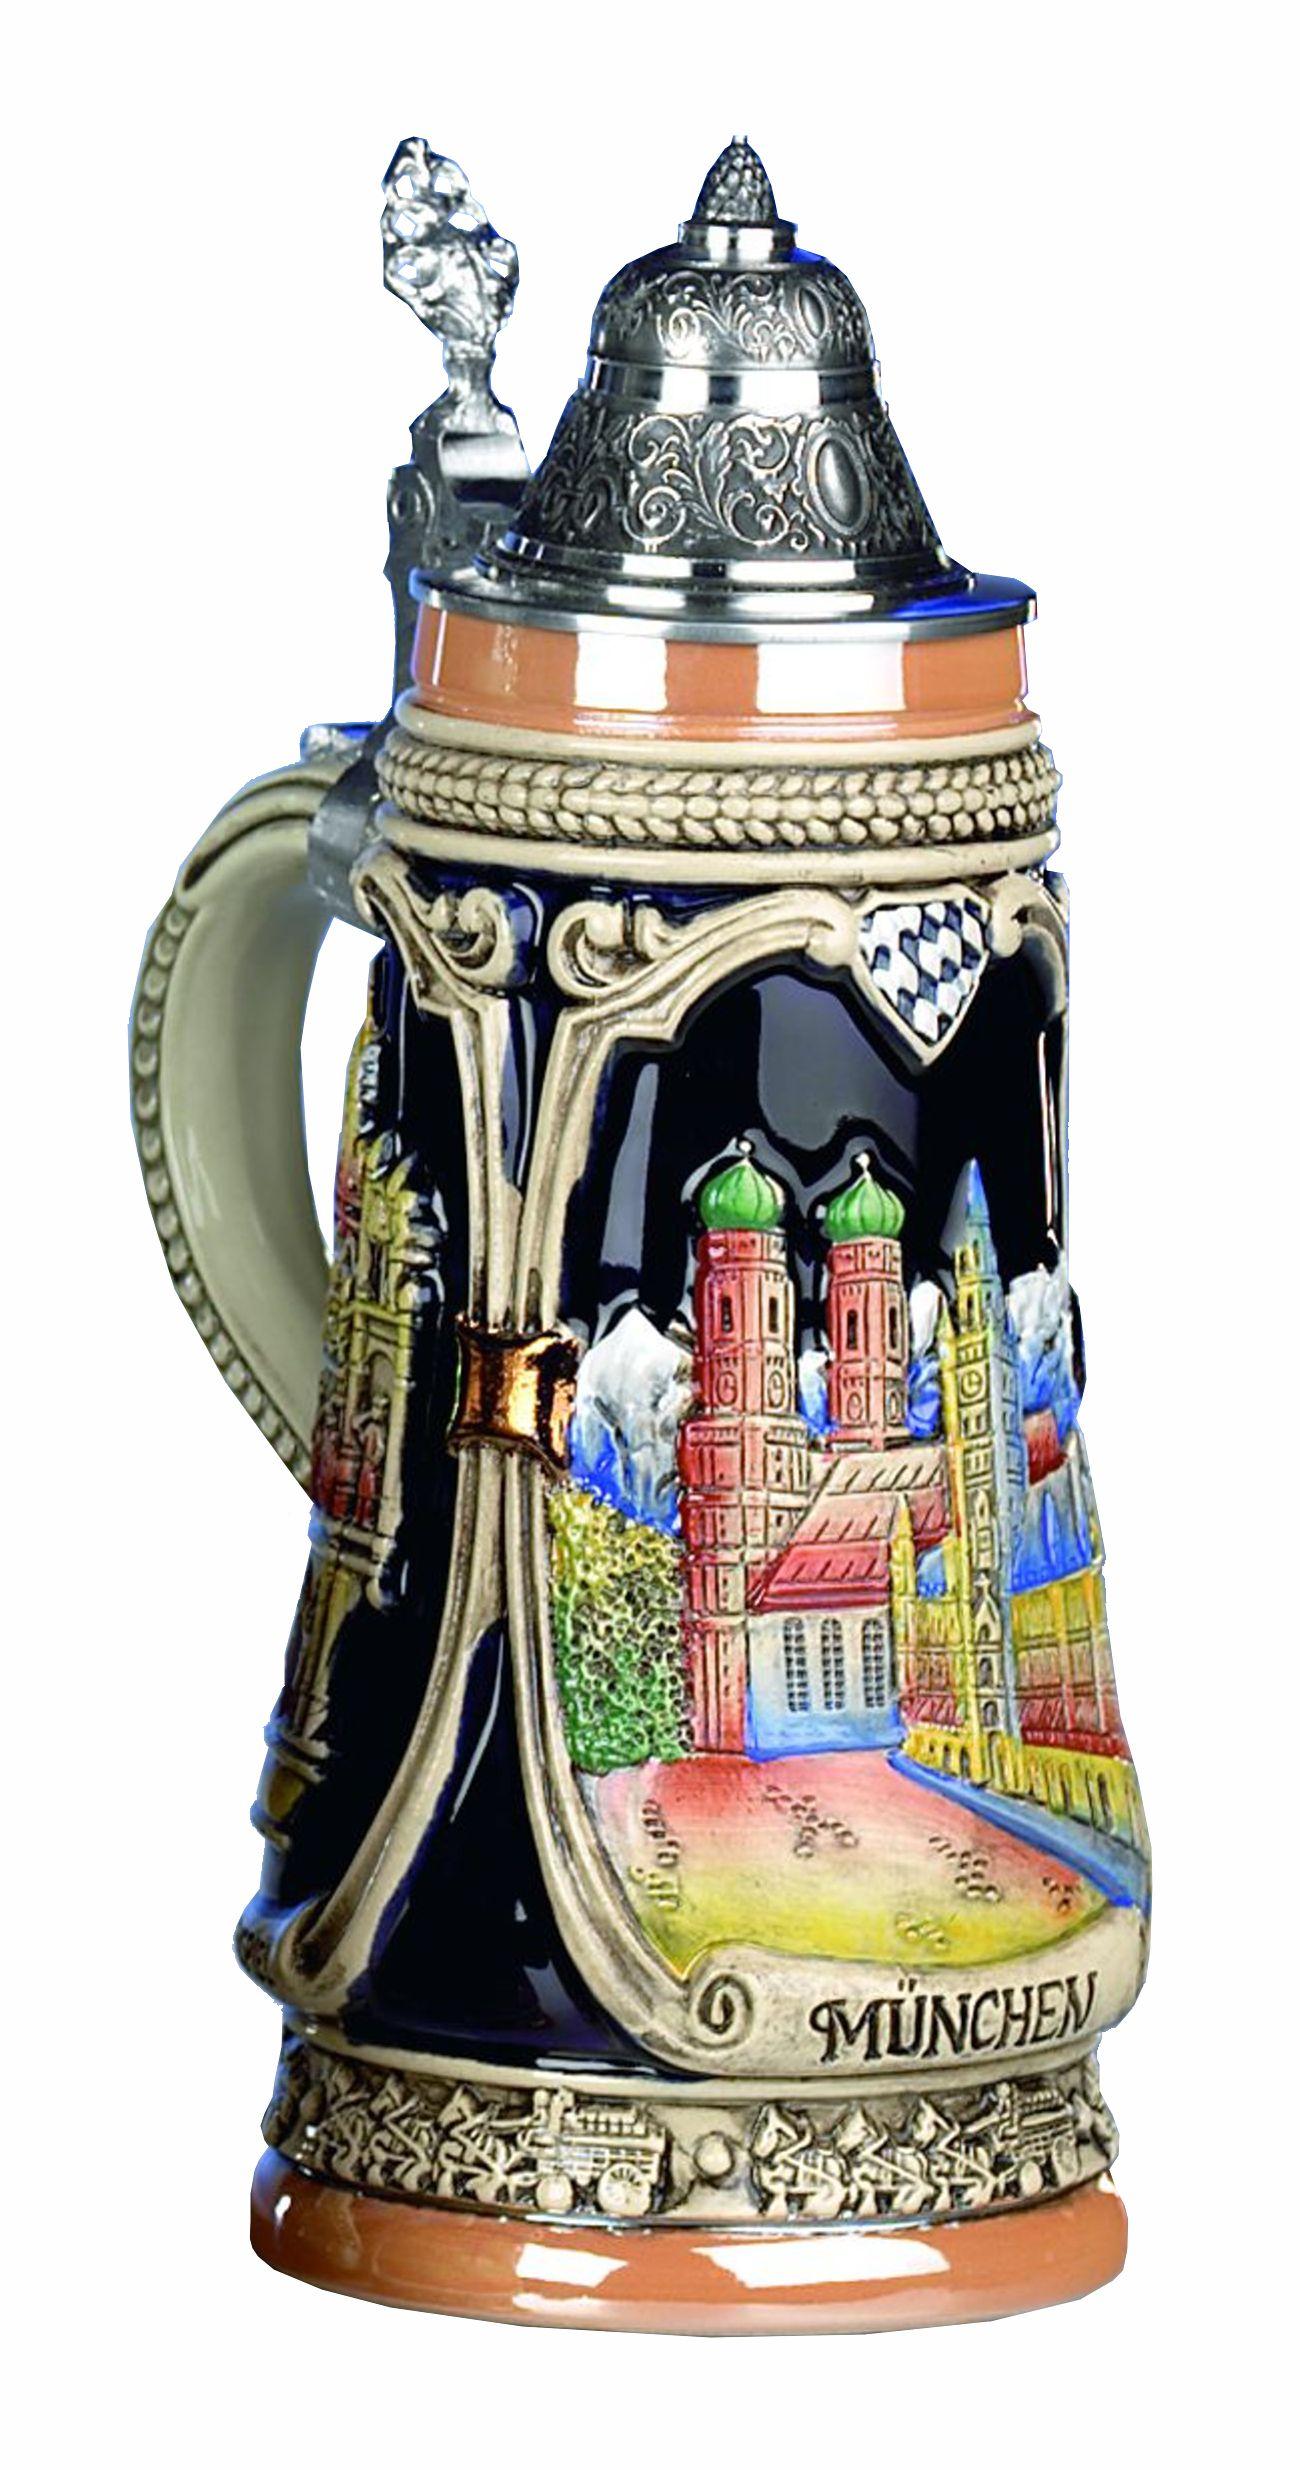 German Beer Stein Munich Stein 0.5 liter